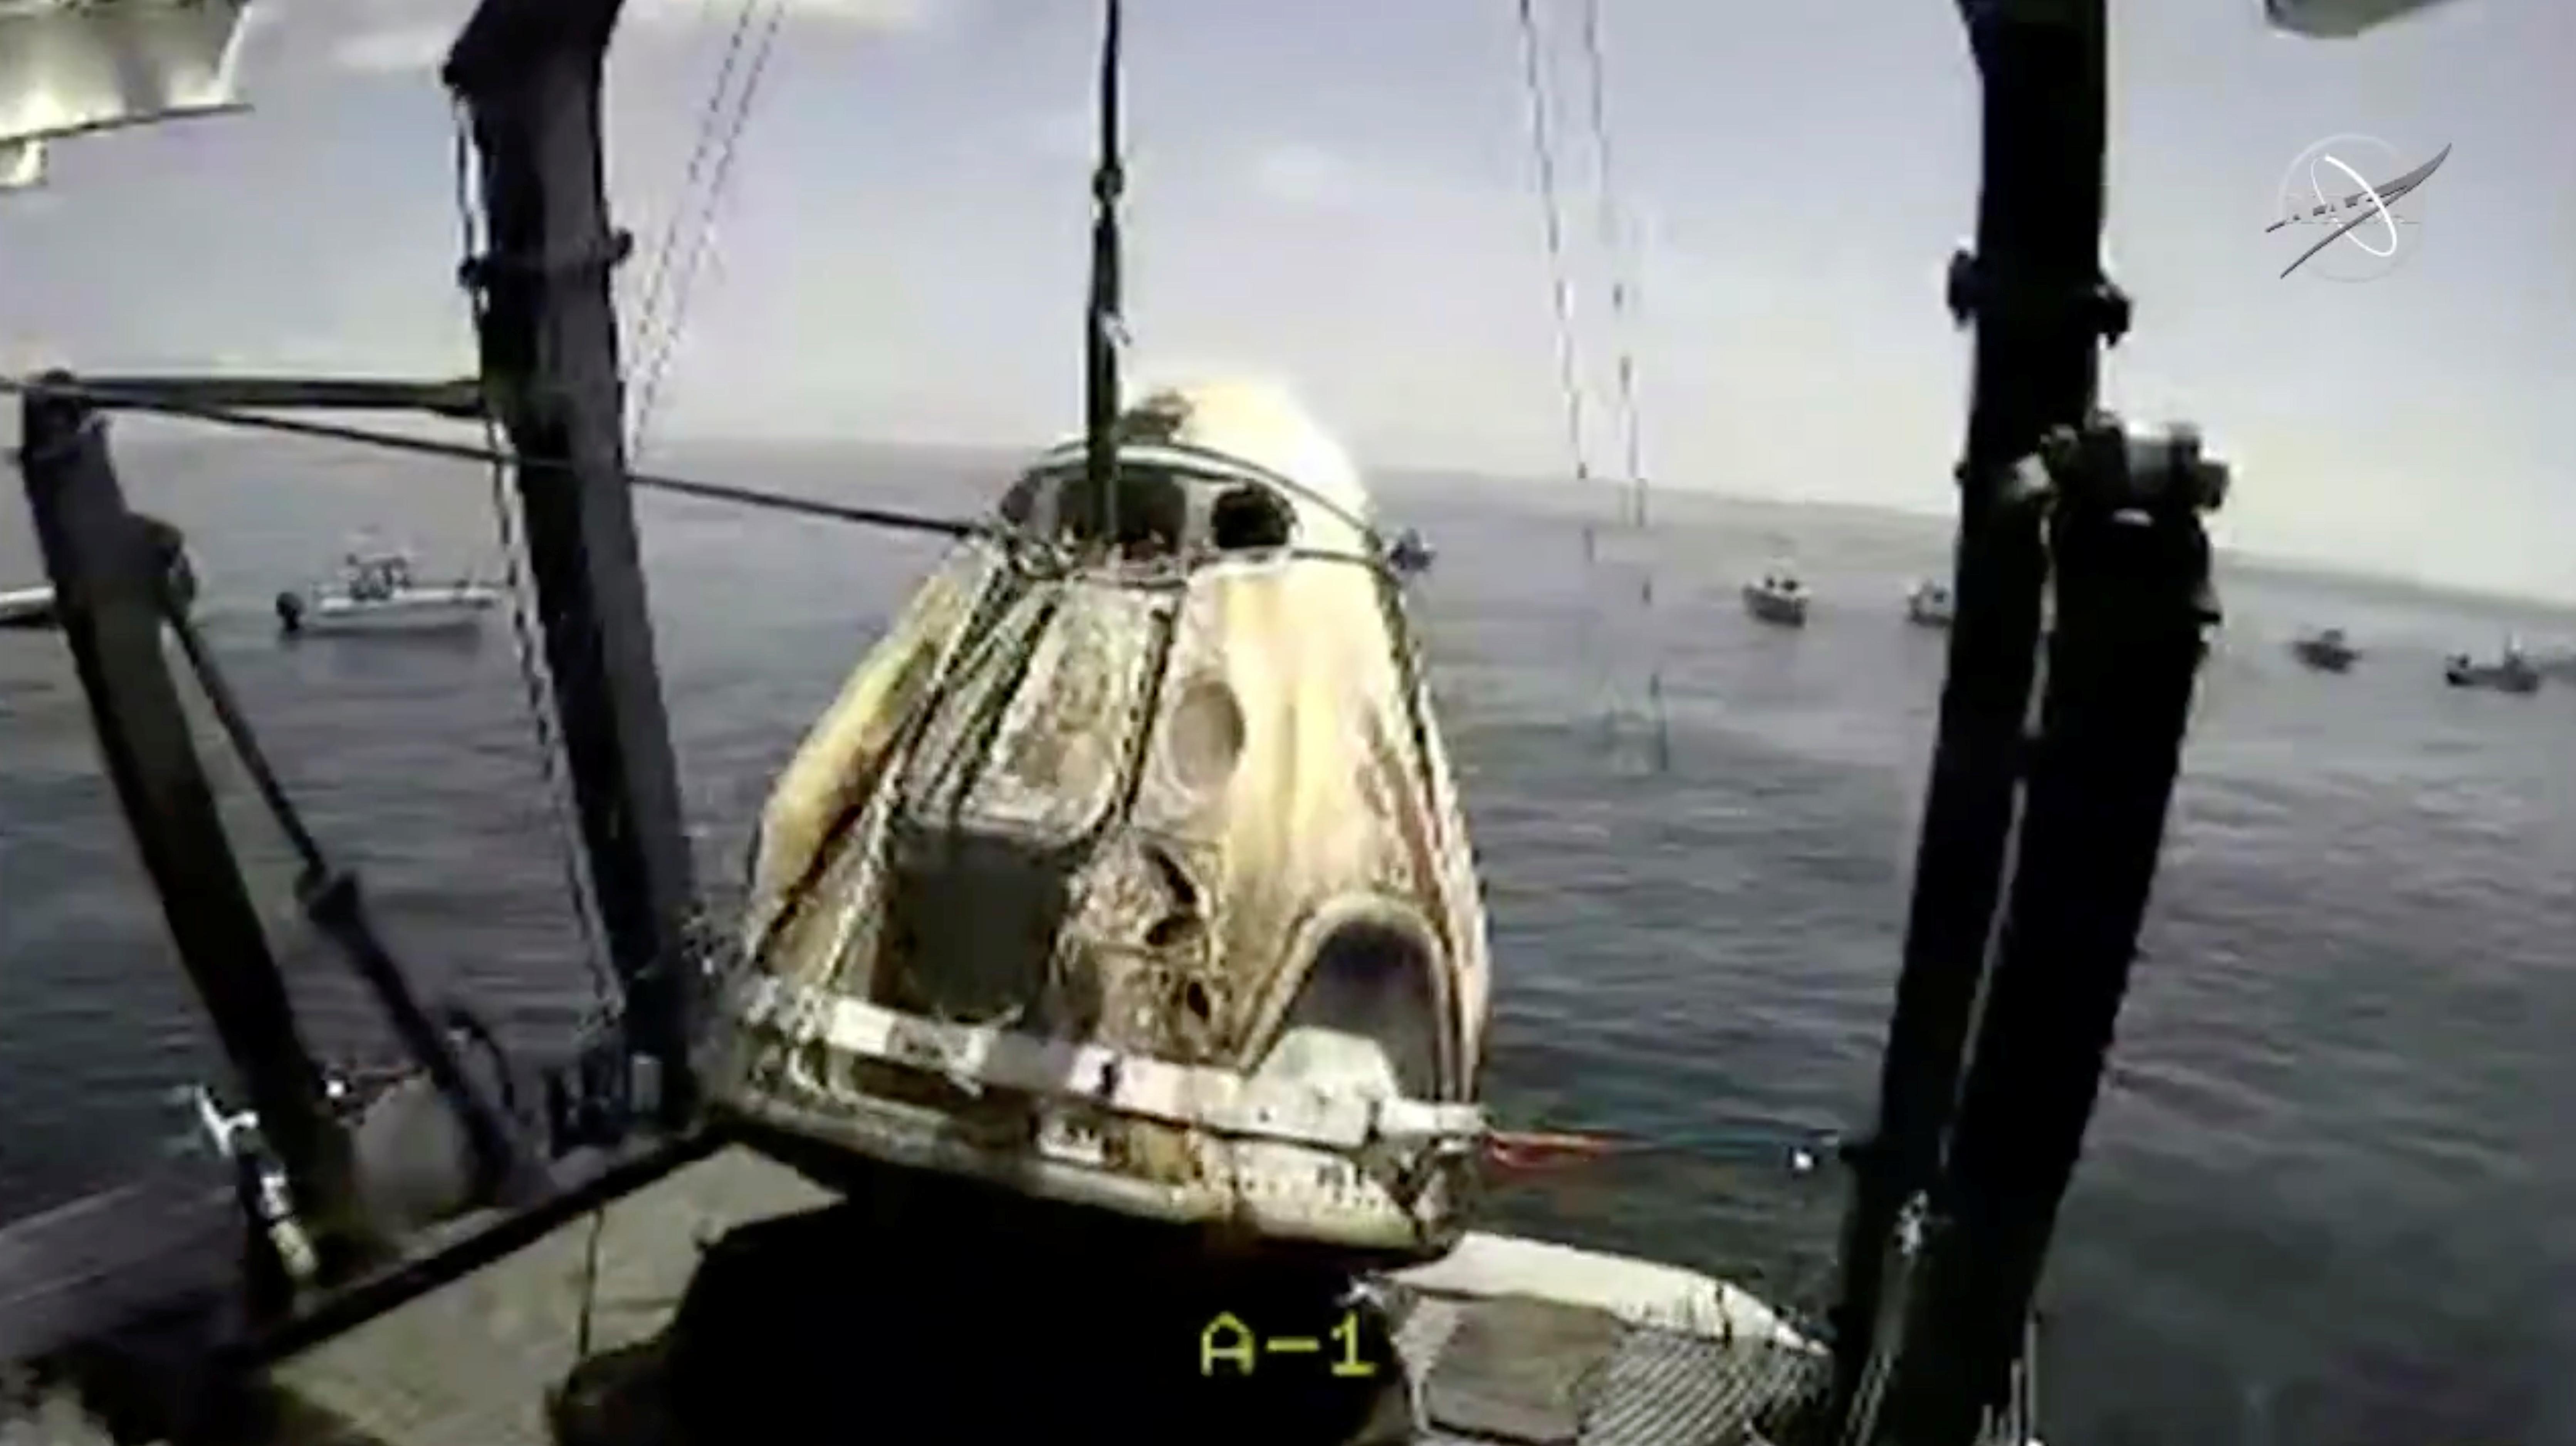 La cápsula con los astronautas de la NASA Robert Behnken y Douglas Hurley es levantada del agua en el Golfo de México (NASA/Handout via REUTERS)